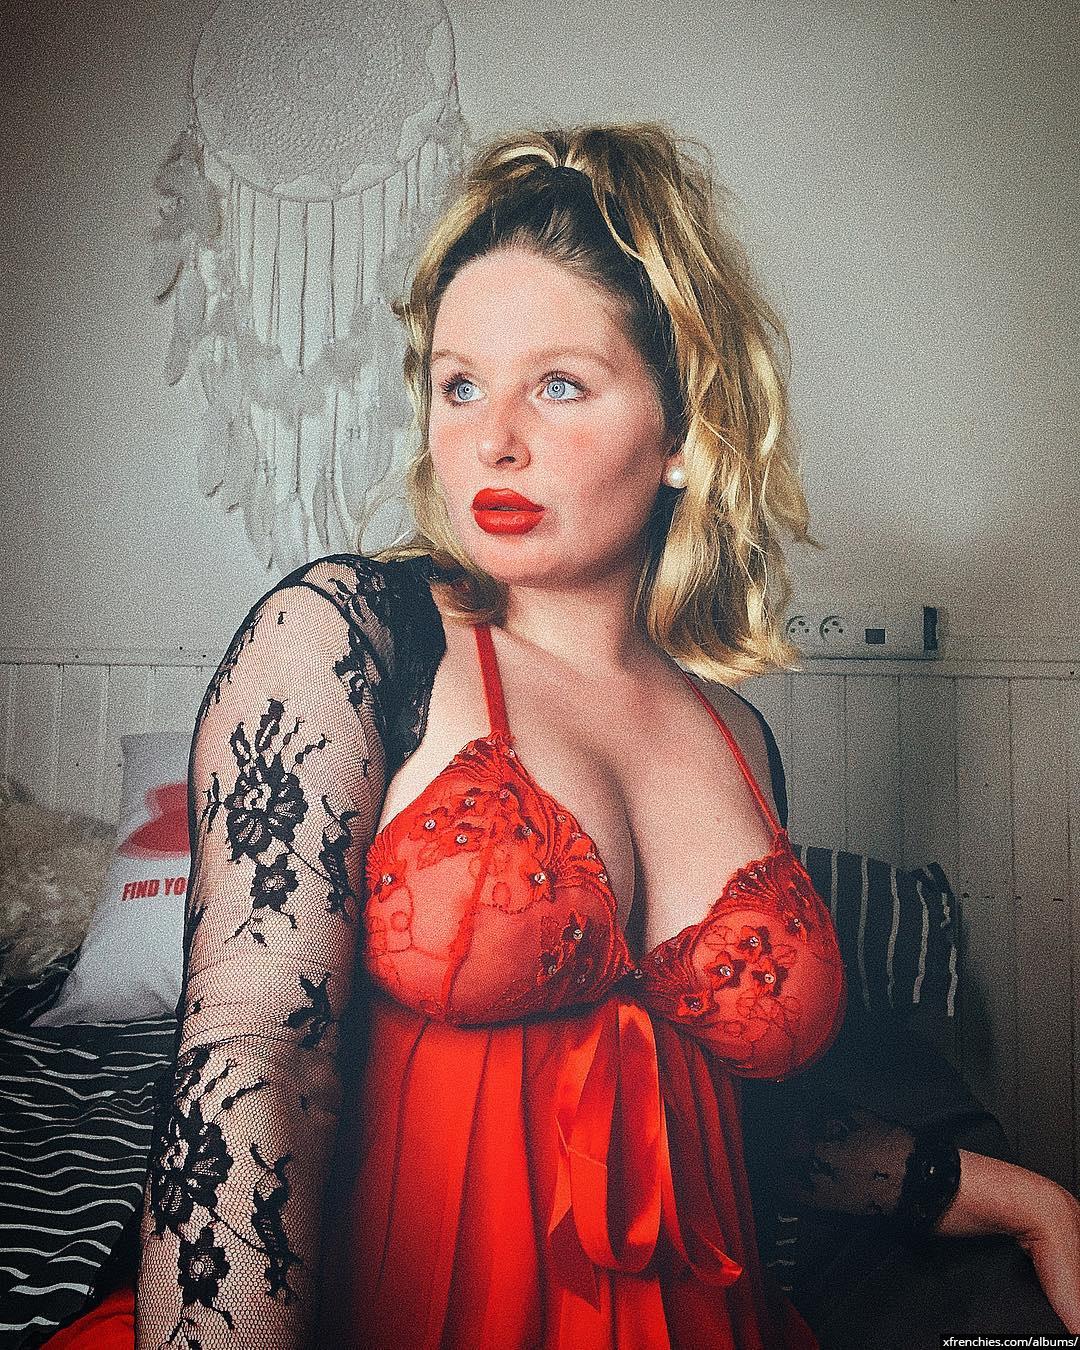 Pure Human Soul – Photos sexys en lingerie n°4